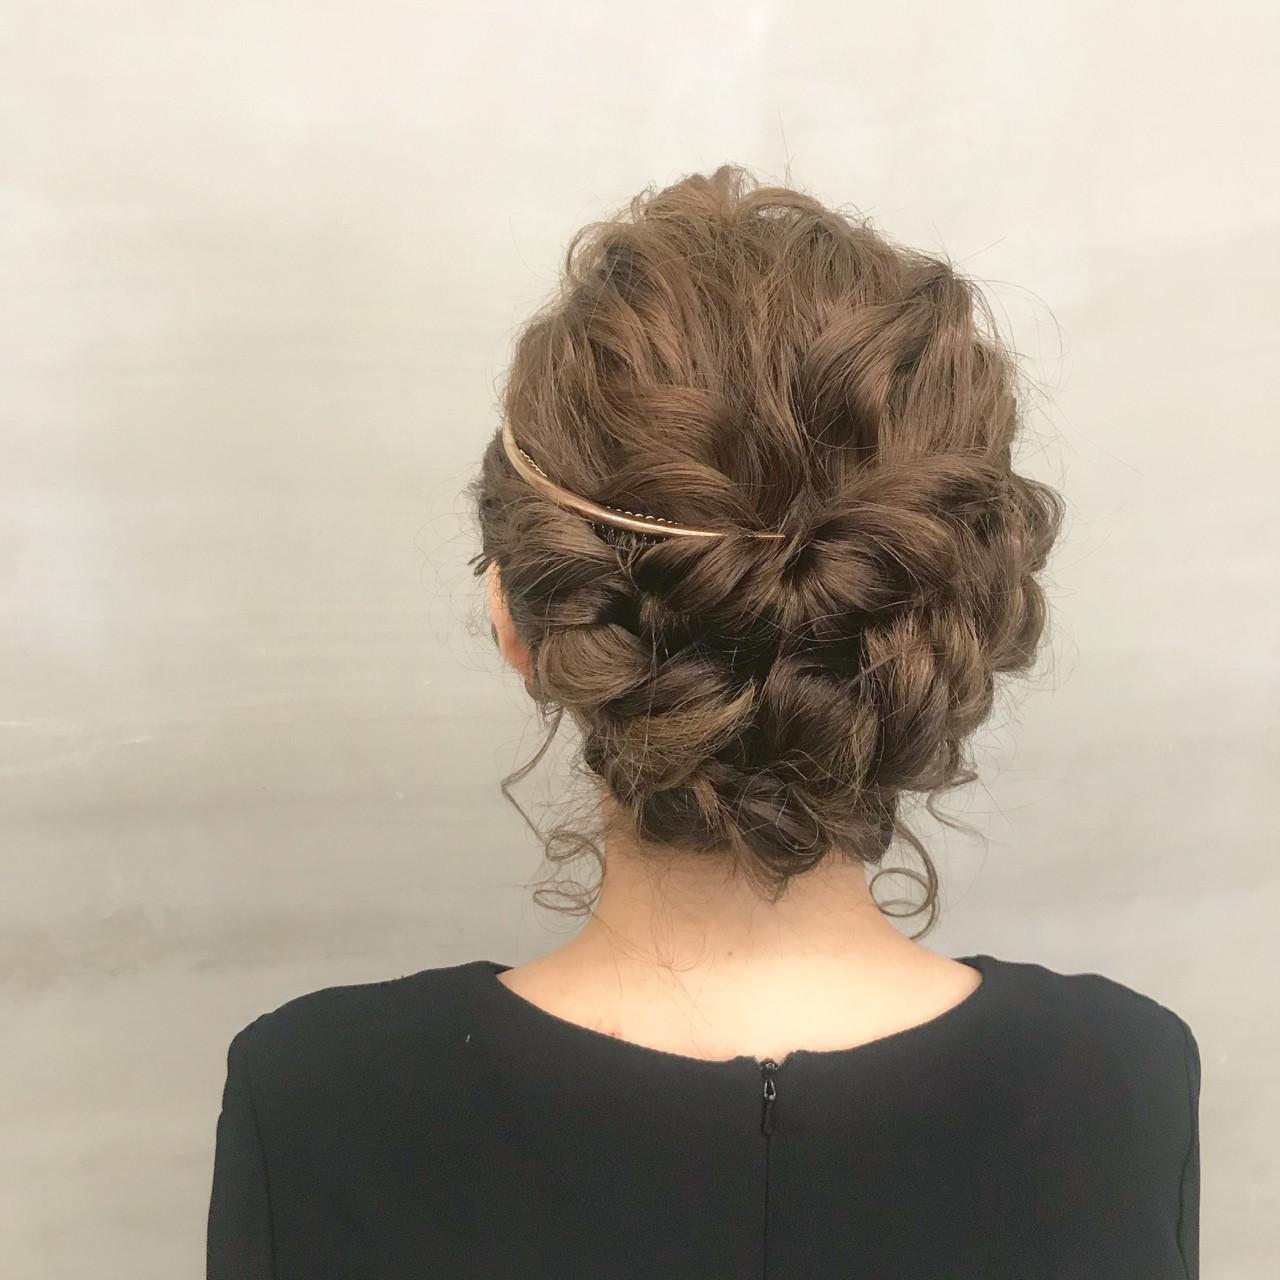 後ろ姿も美しい髪型 brisa 野田 沙織  brisa ブリッサ